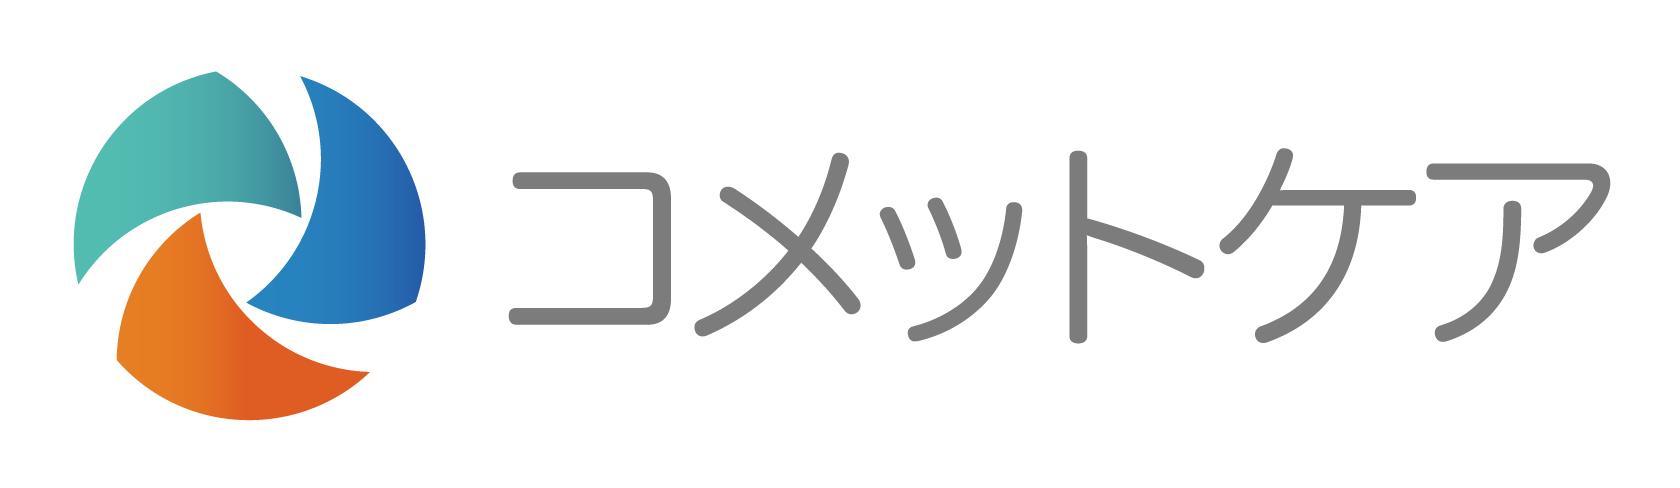 infratech_logo